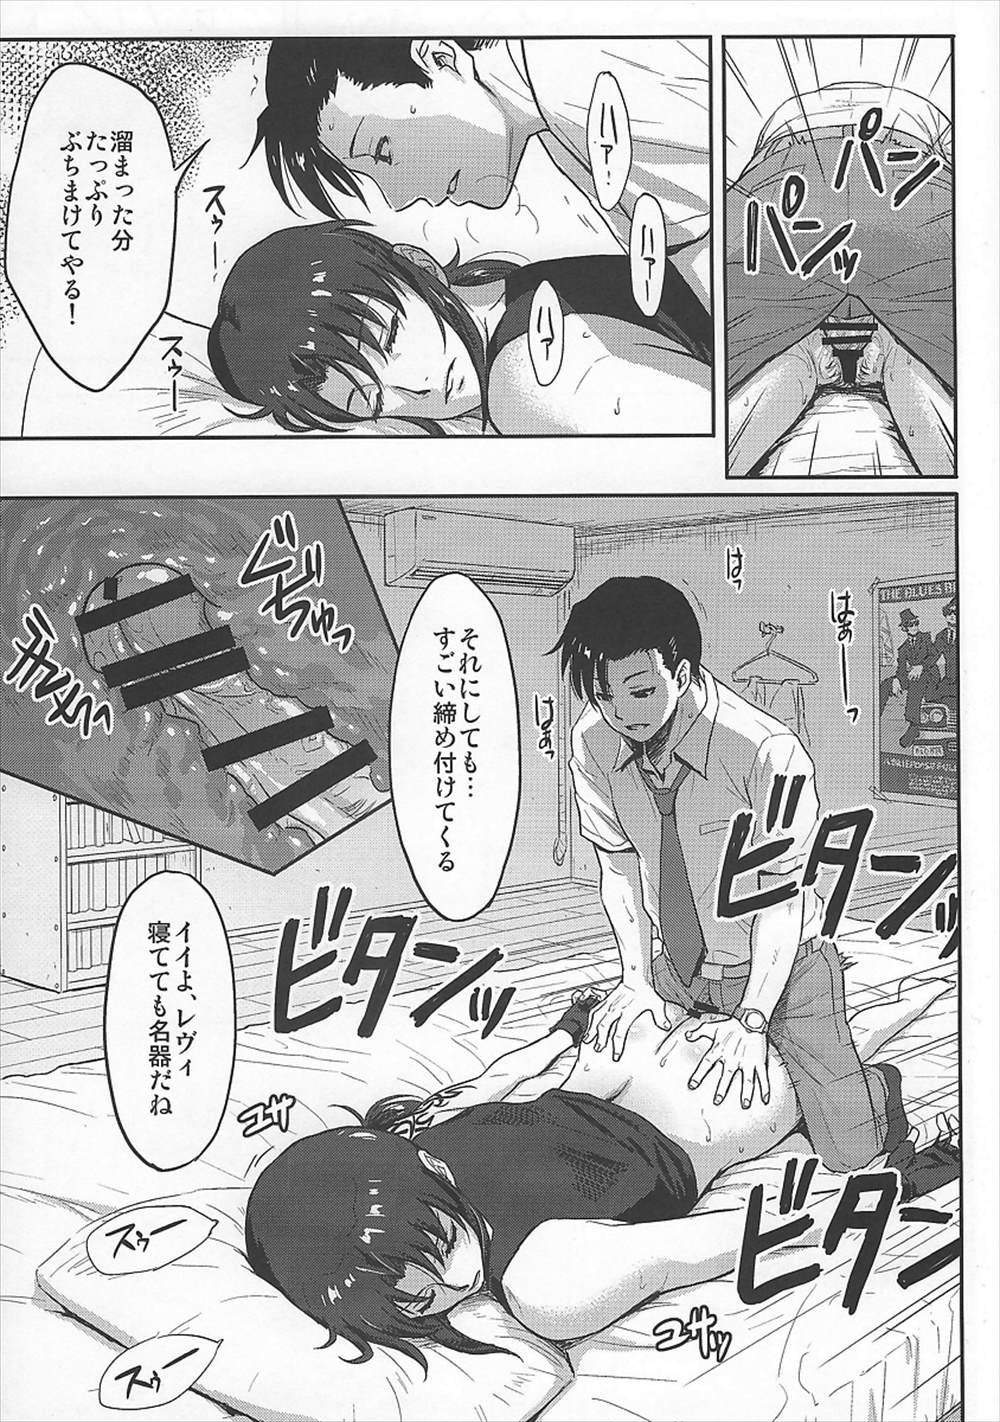 【エロ同人誌】レヴィに睡眠薬飲ませたロックはチンポ取り出して口にねじ込み「名器」と連呼しながら睡眠姦レイプするけれども…!?【C93/BLACK LAGOON】